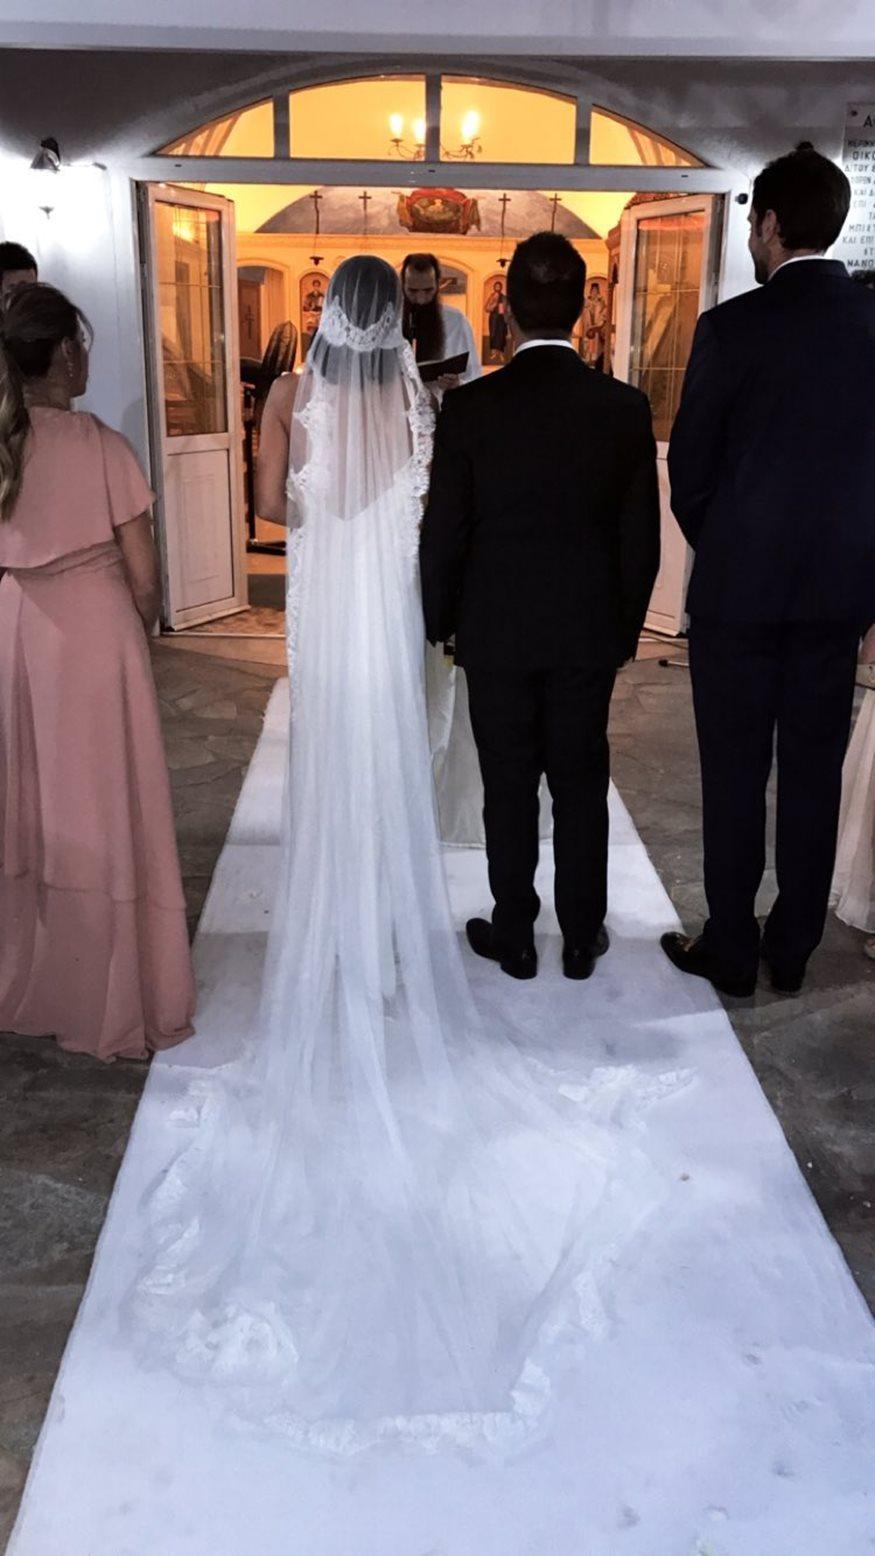 3b70b85771dd Το ζευγάρι της ελληνικής showbiz παντρεύτηκε με θρησκευτικό γάμο κα βάφτισε  τον γιο του